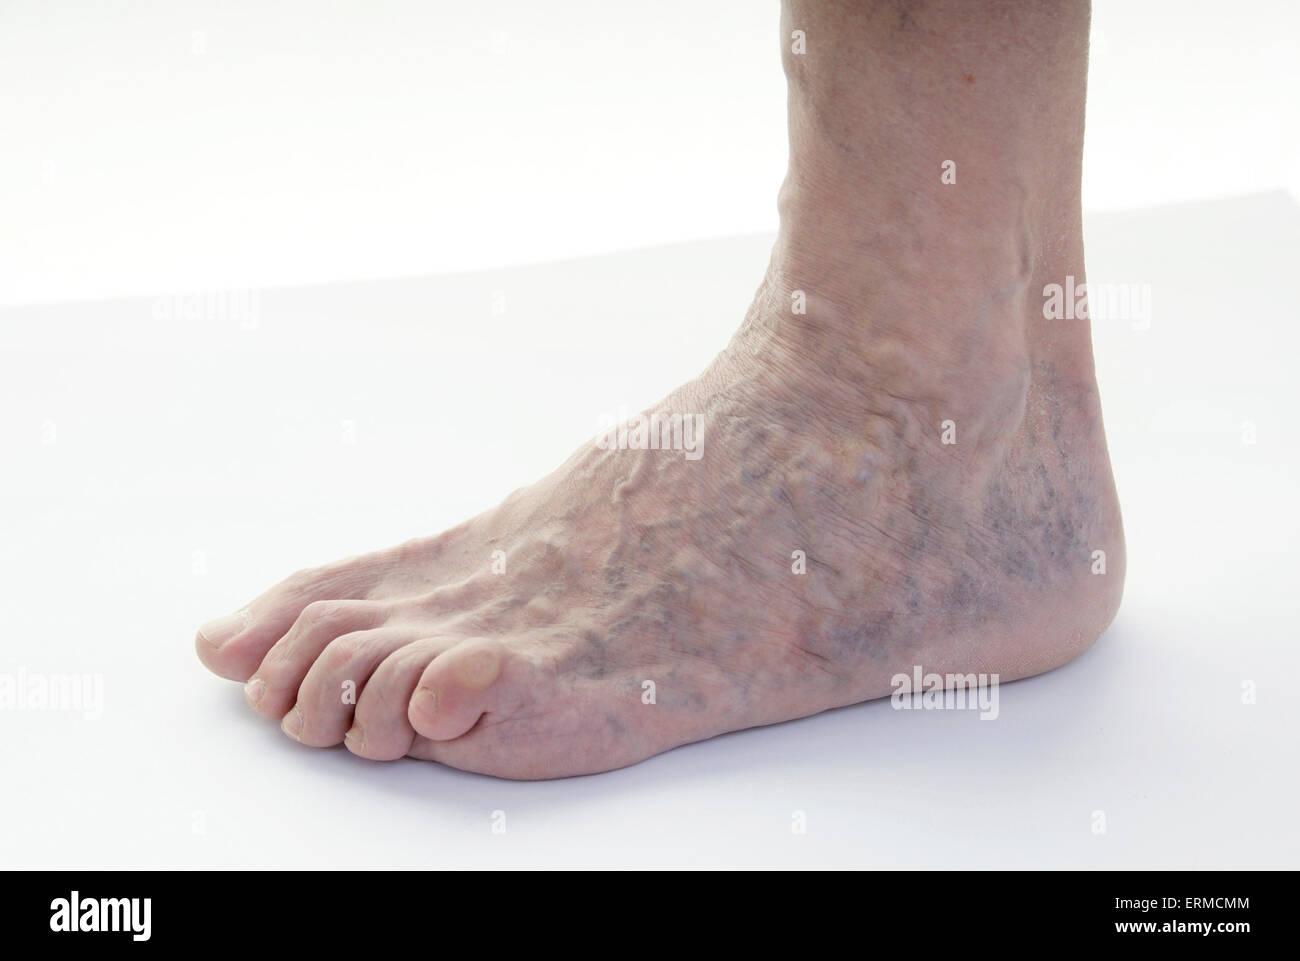 Varicose veins leg (female, age 68 years) / Krampfadern Varizen am ...